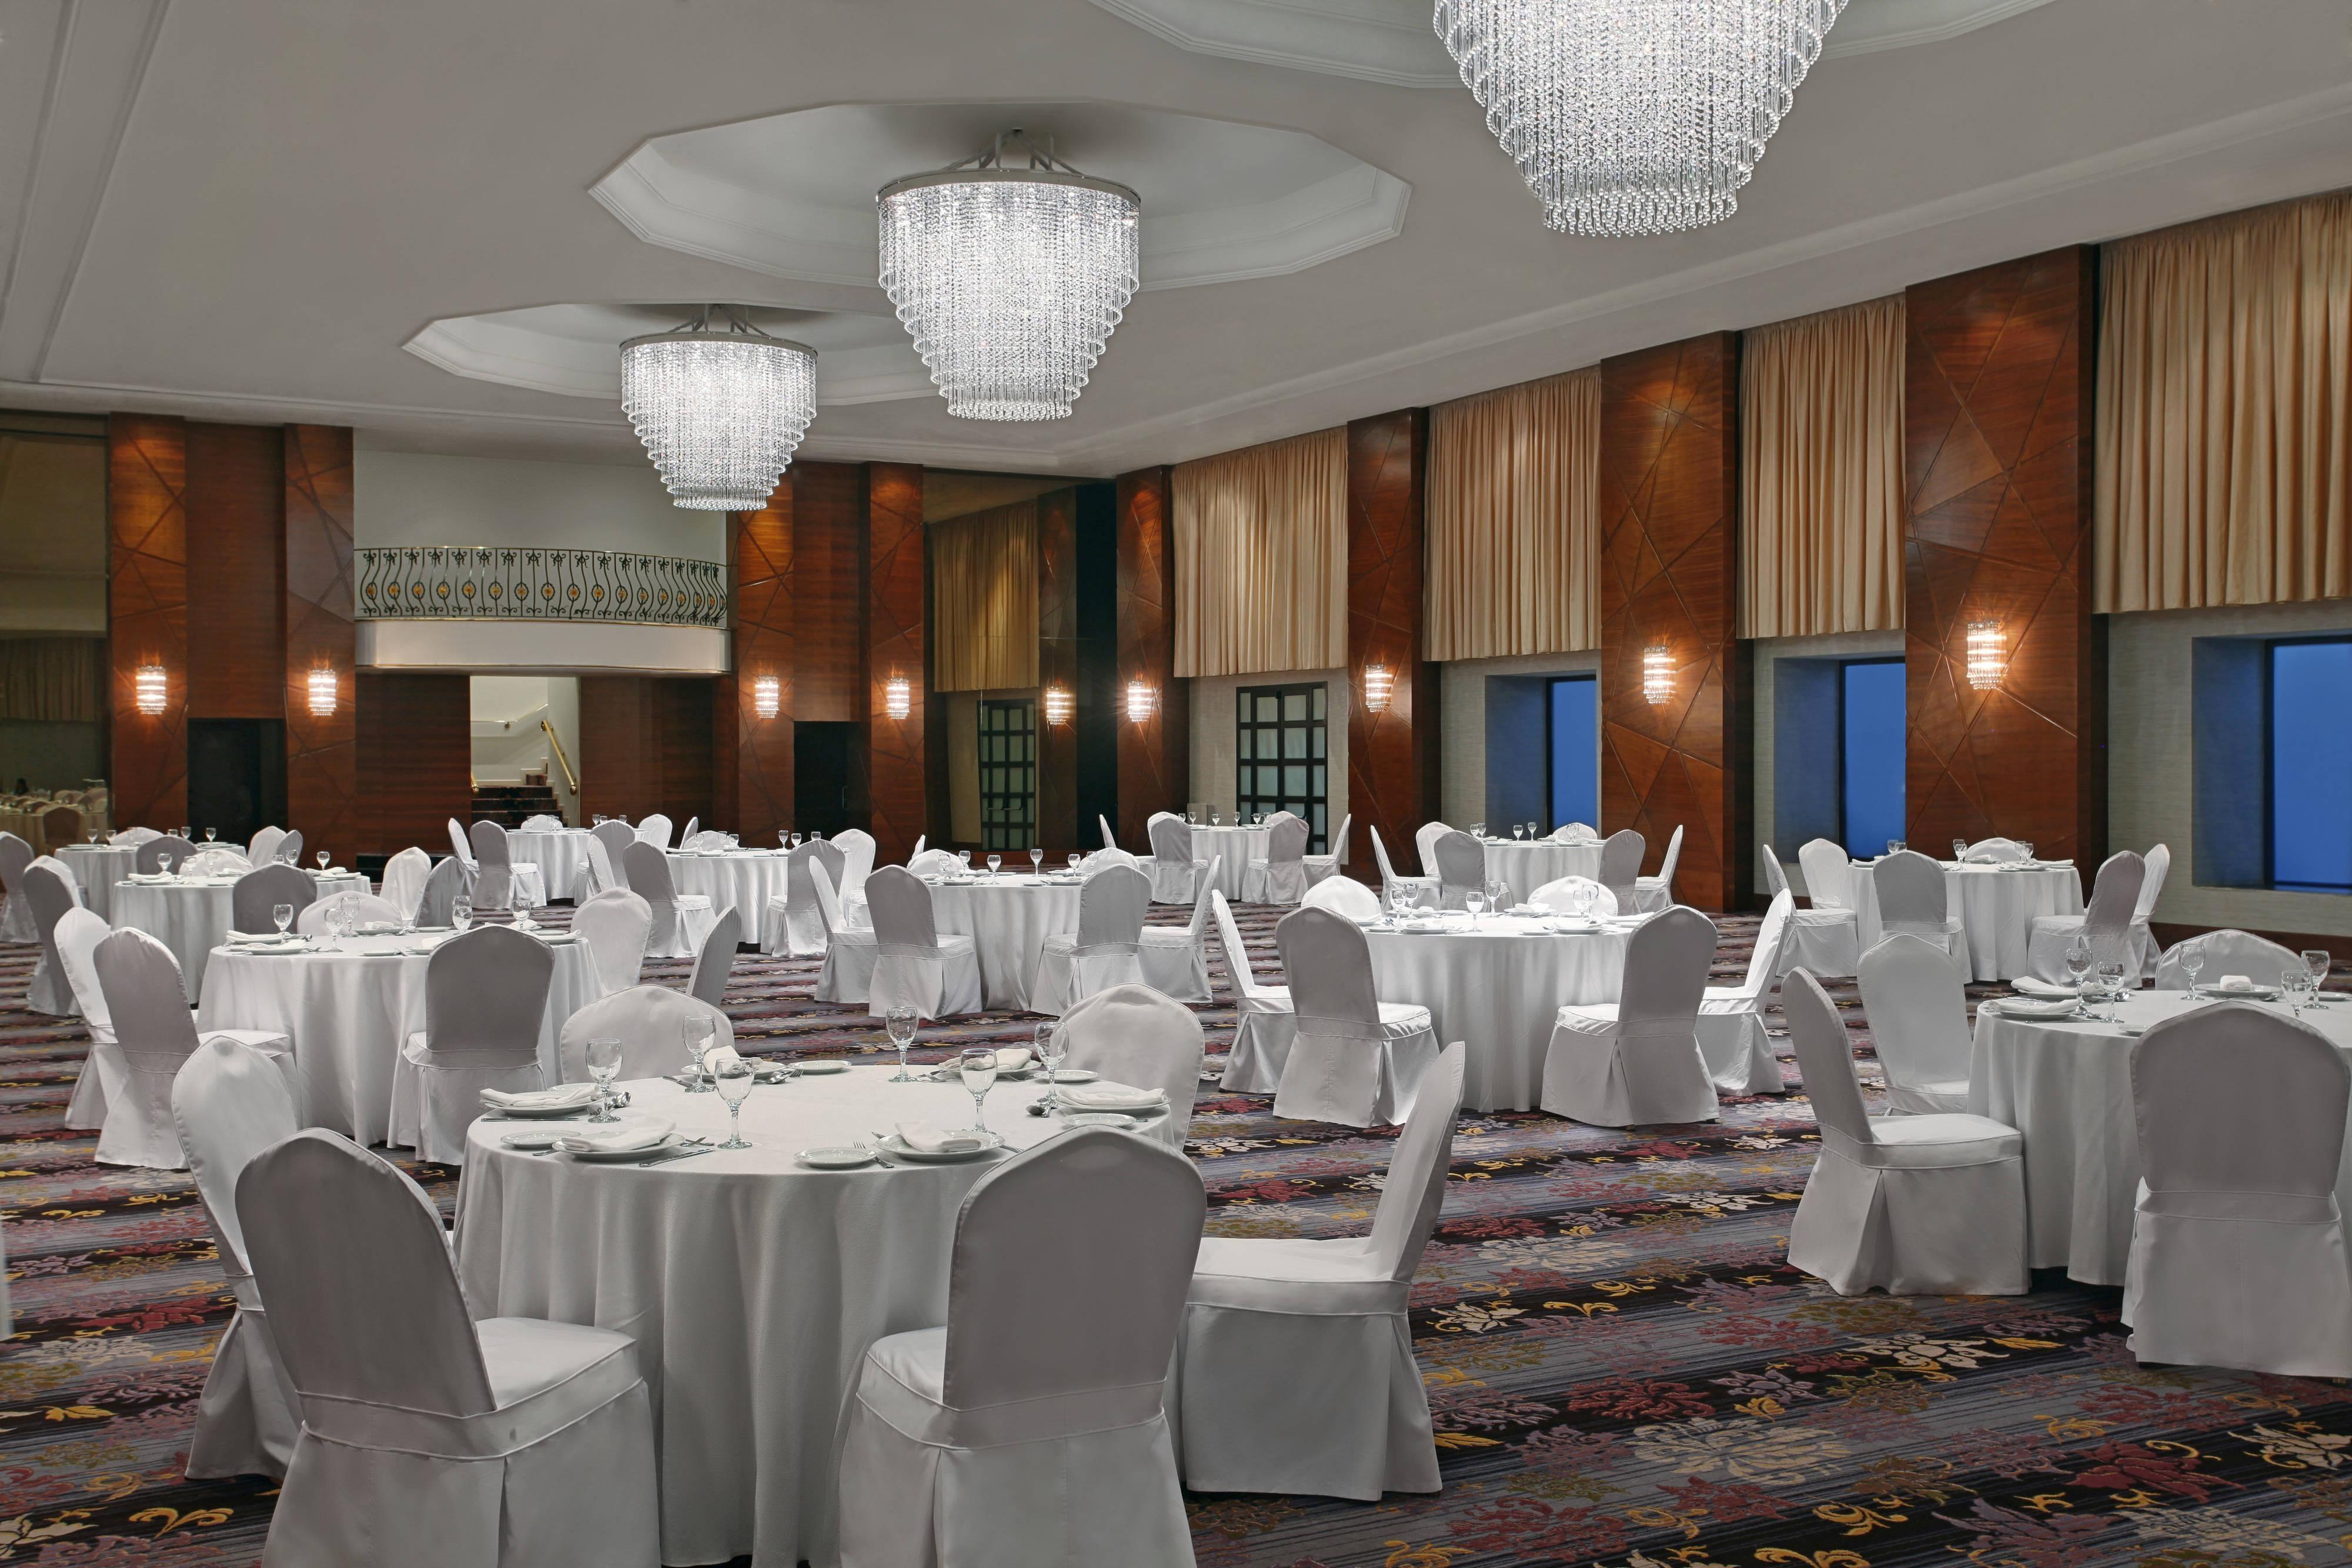 Al Fayrounz Ballroom - Banquet